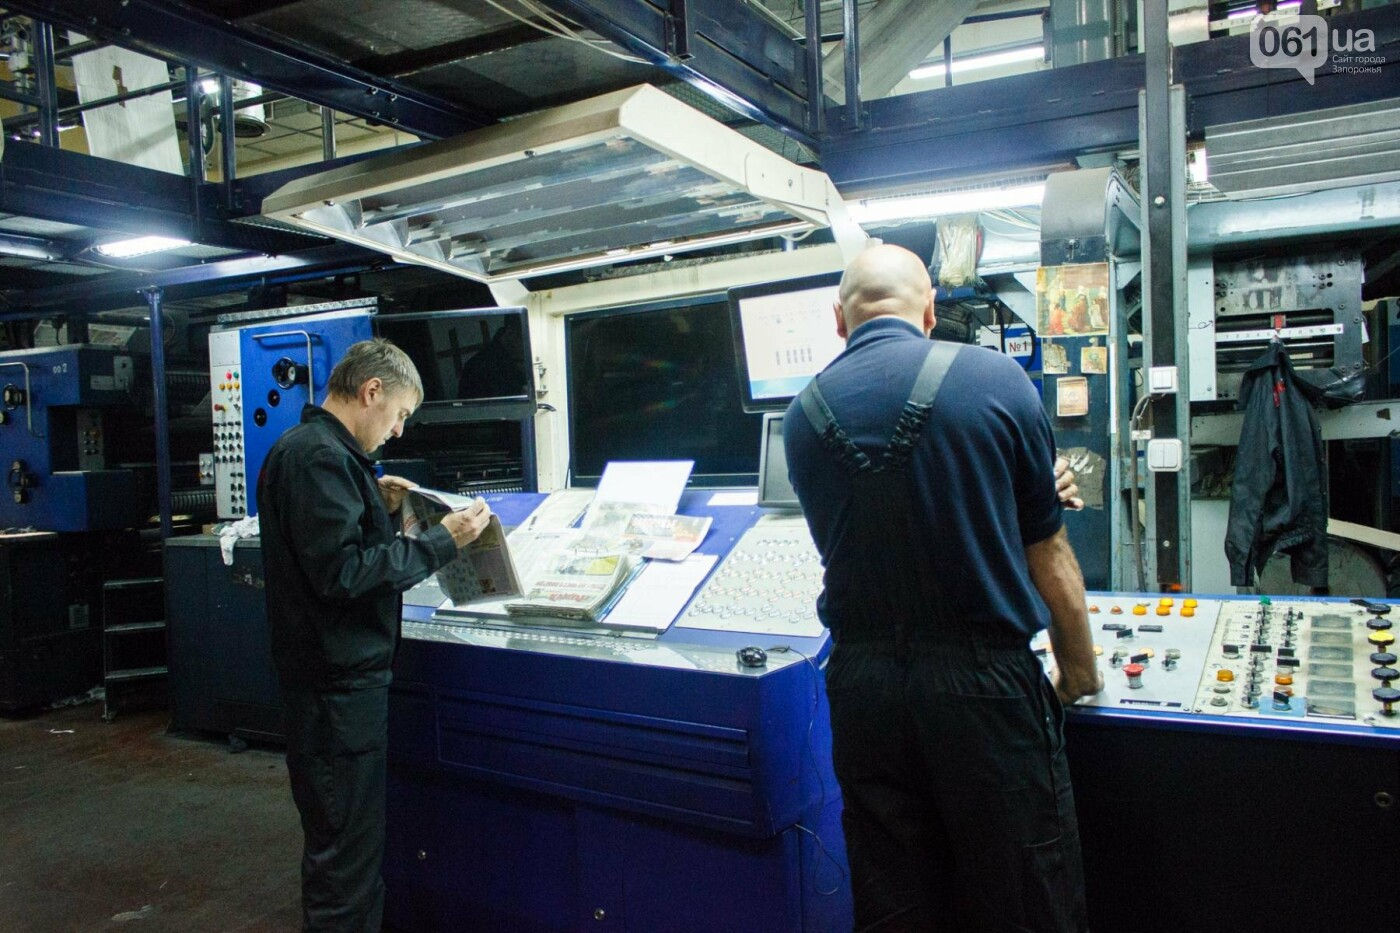 Как в Запорожье печатают газеты: экскурсия в типографию, - ФОТО, ВИДЕО, фото-21